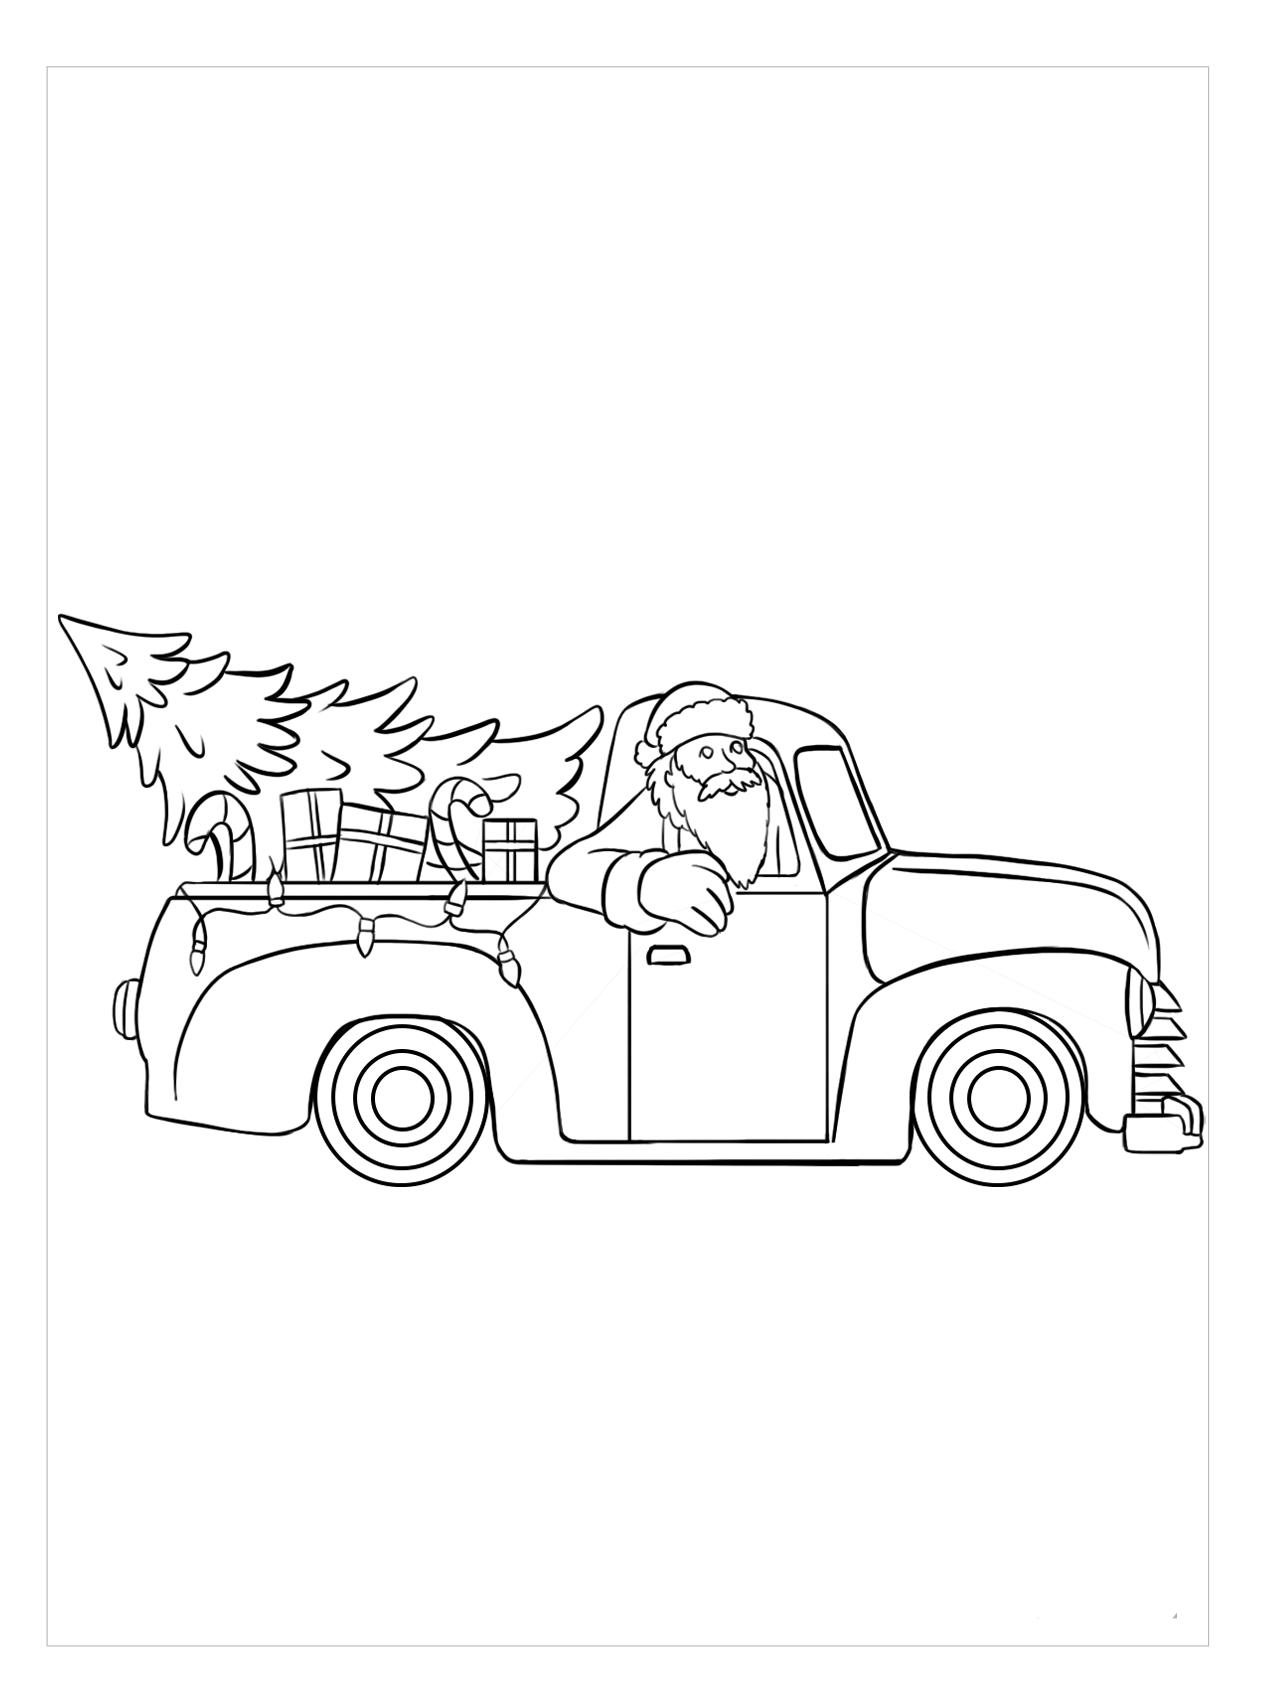 Tranh tô màu xe tải giáng sinh